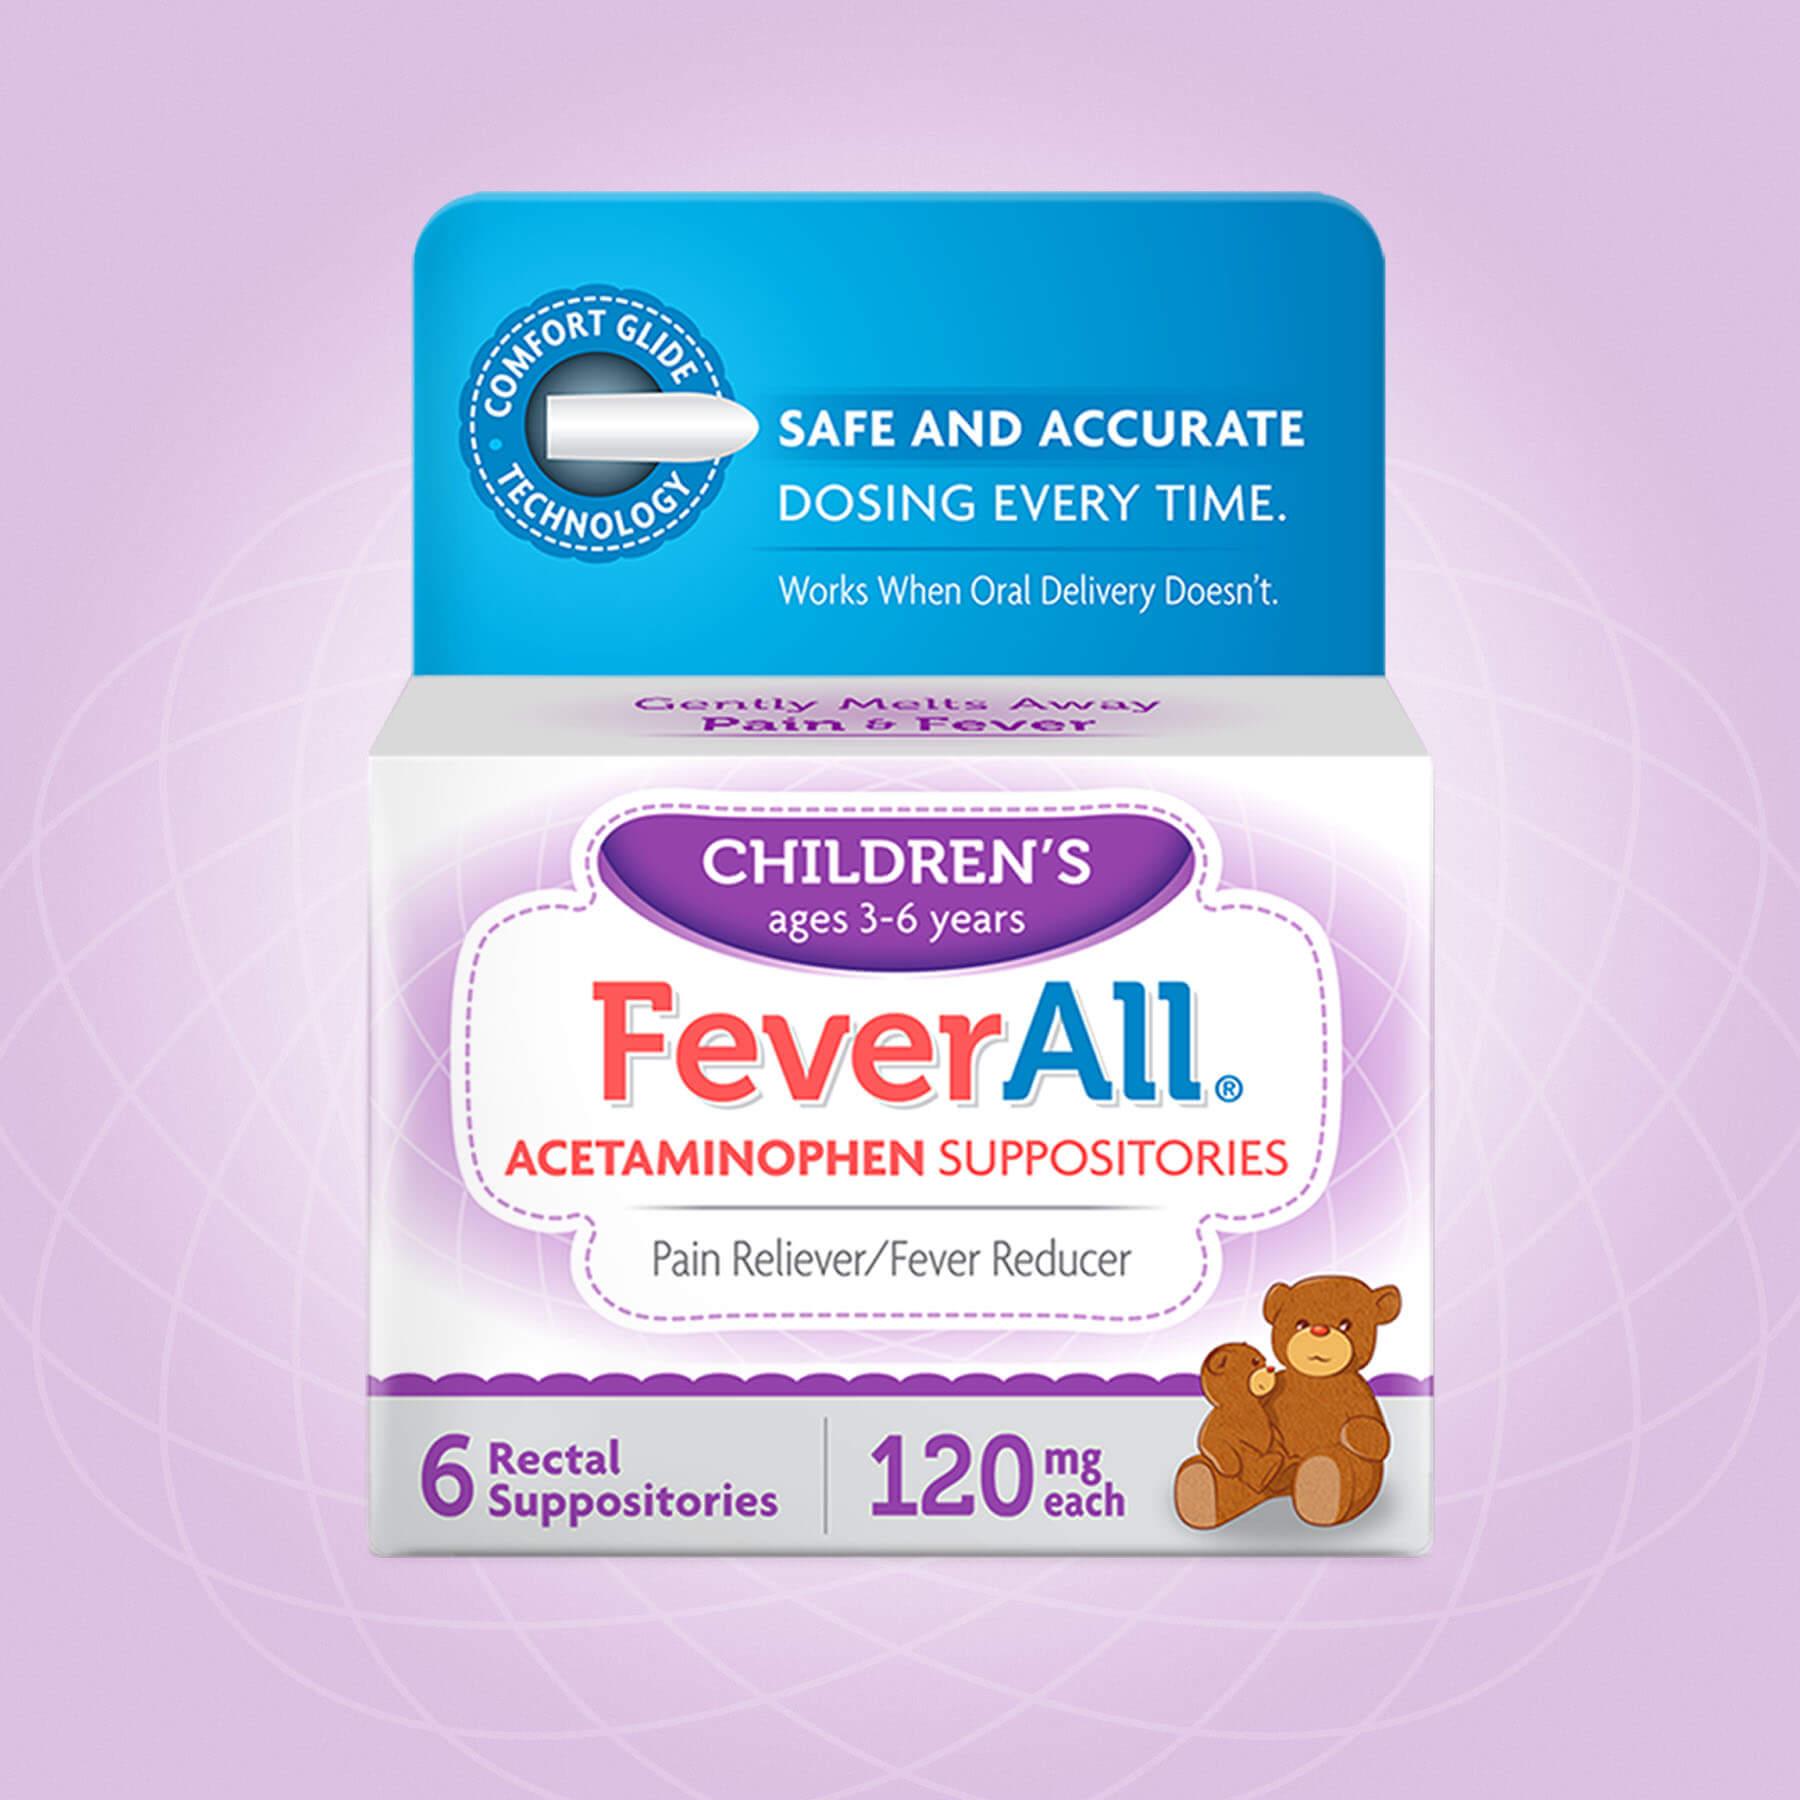 FeverAll Children Package Design